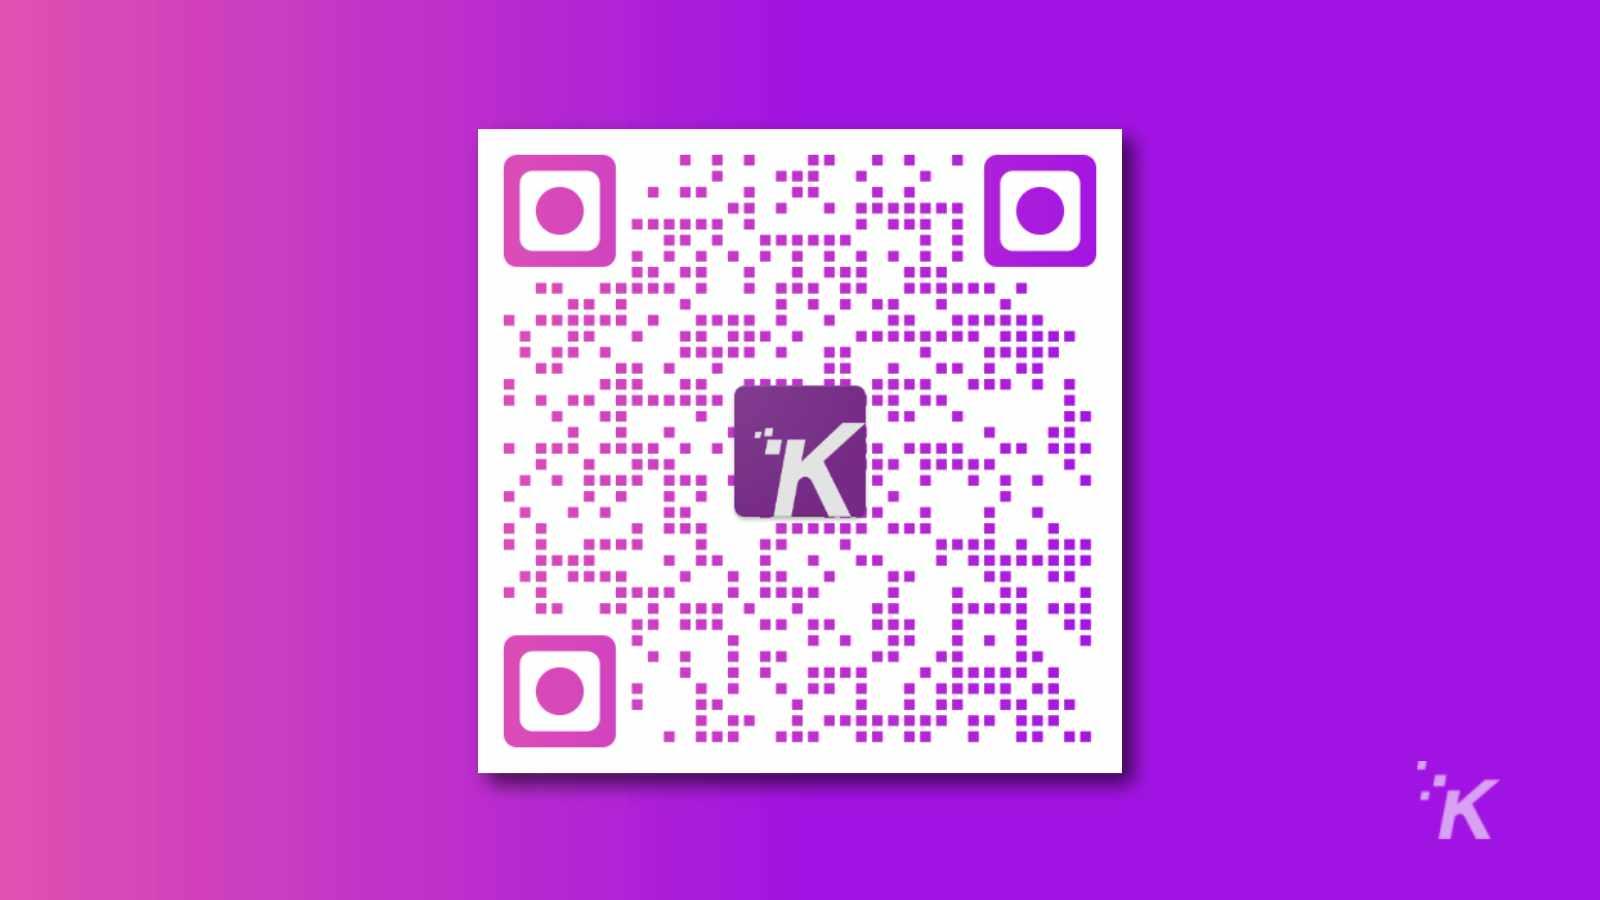 qr code for wifi password